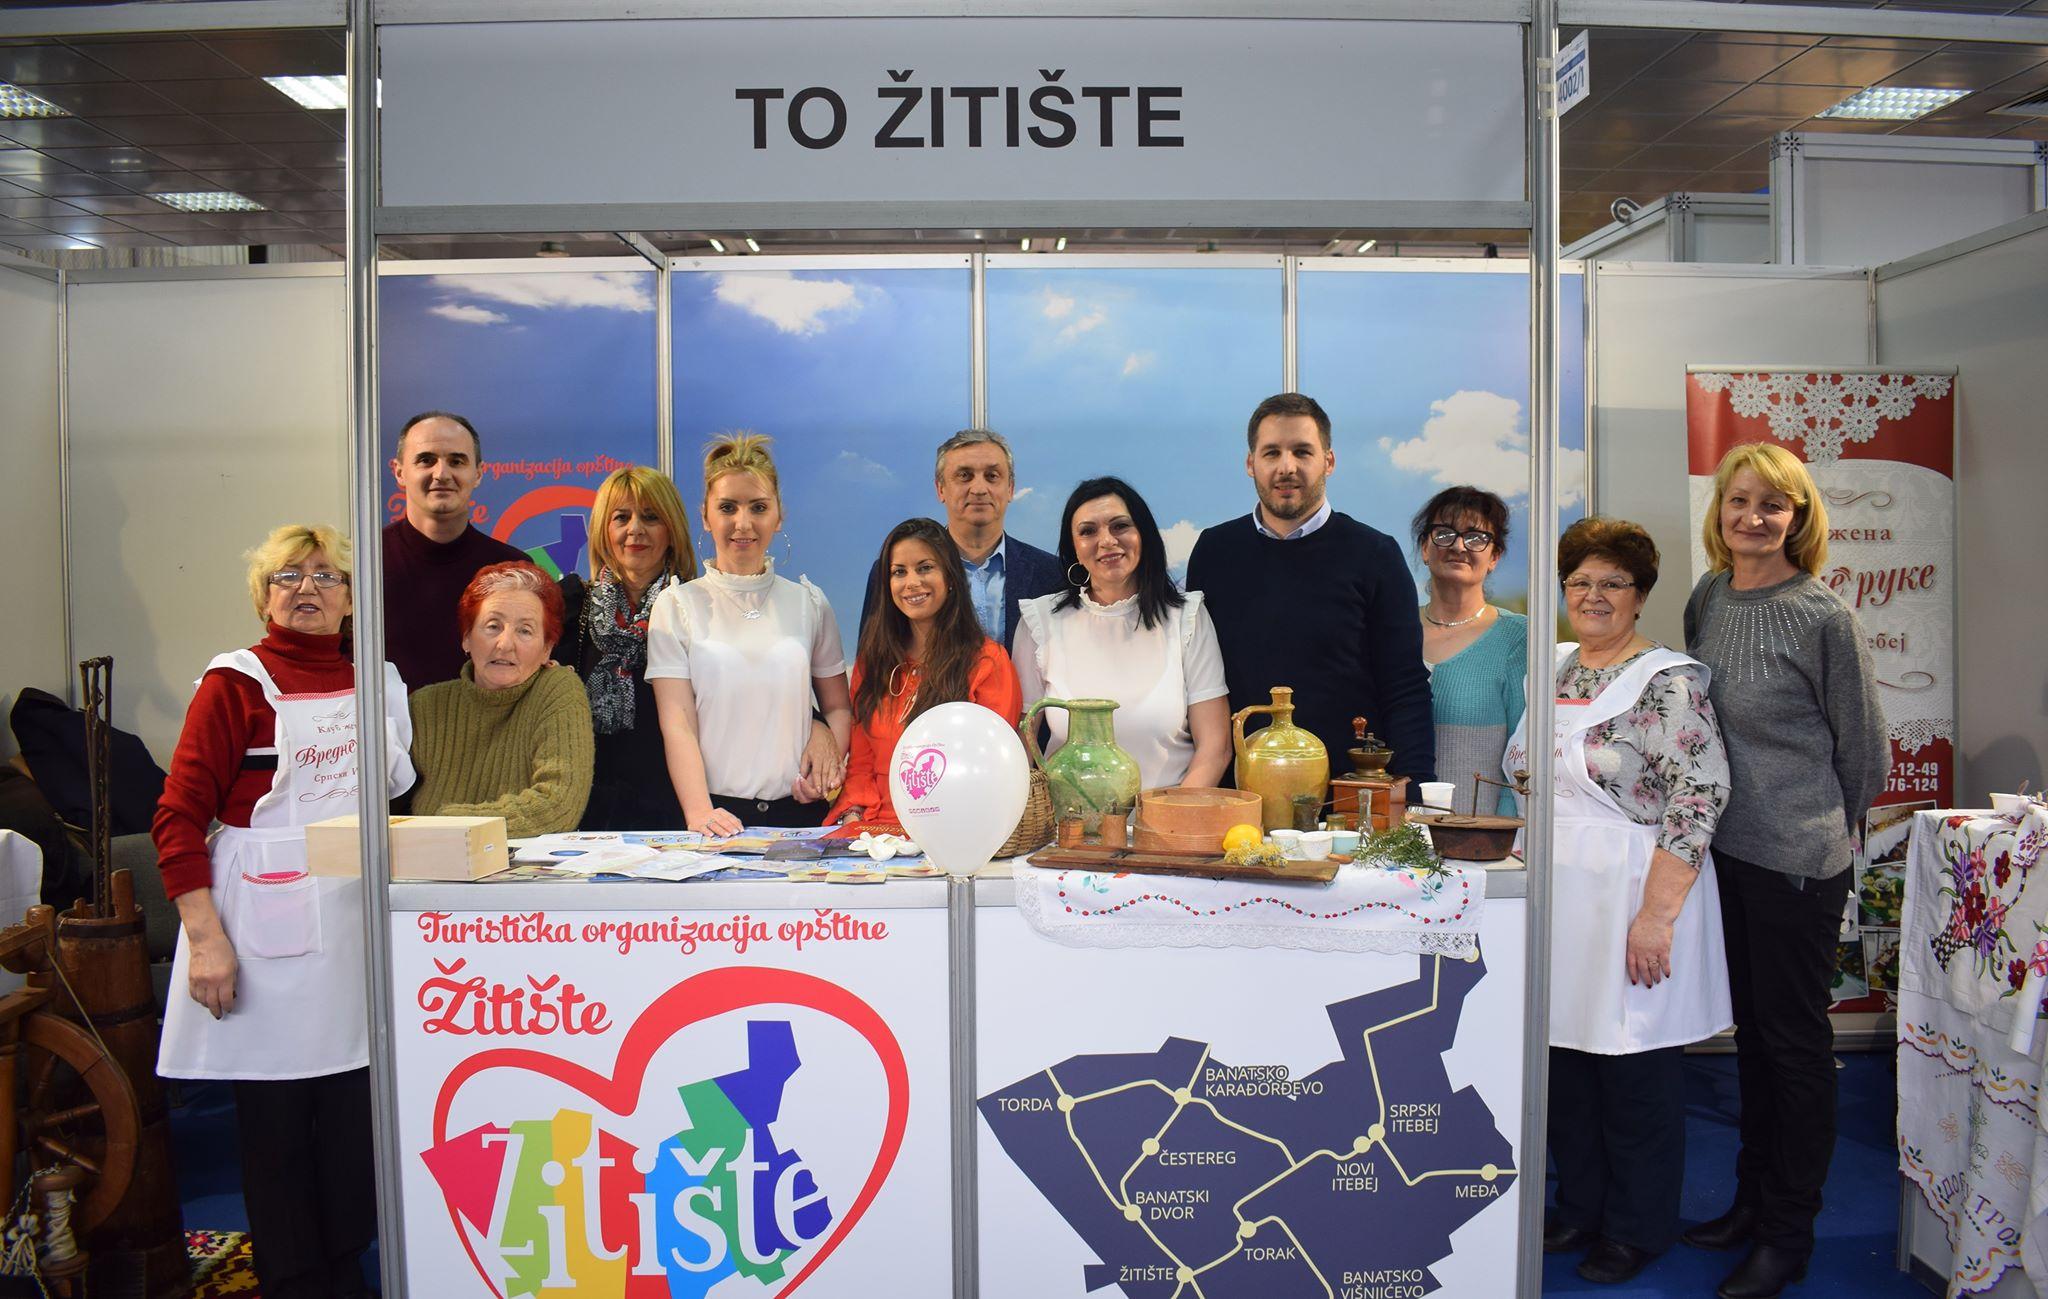 Turistički potencijal opštine Žitište predstavljen na Sajmu turizma